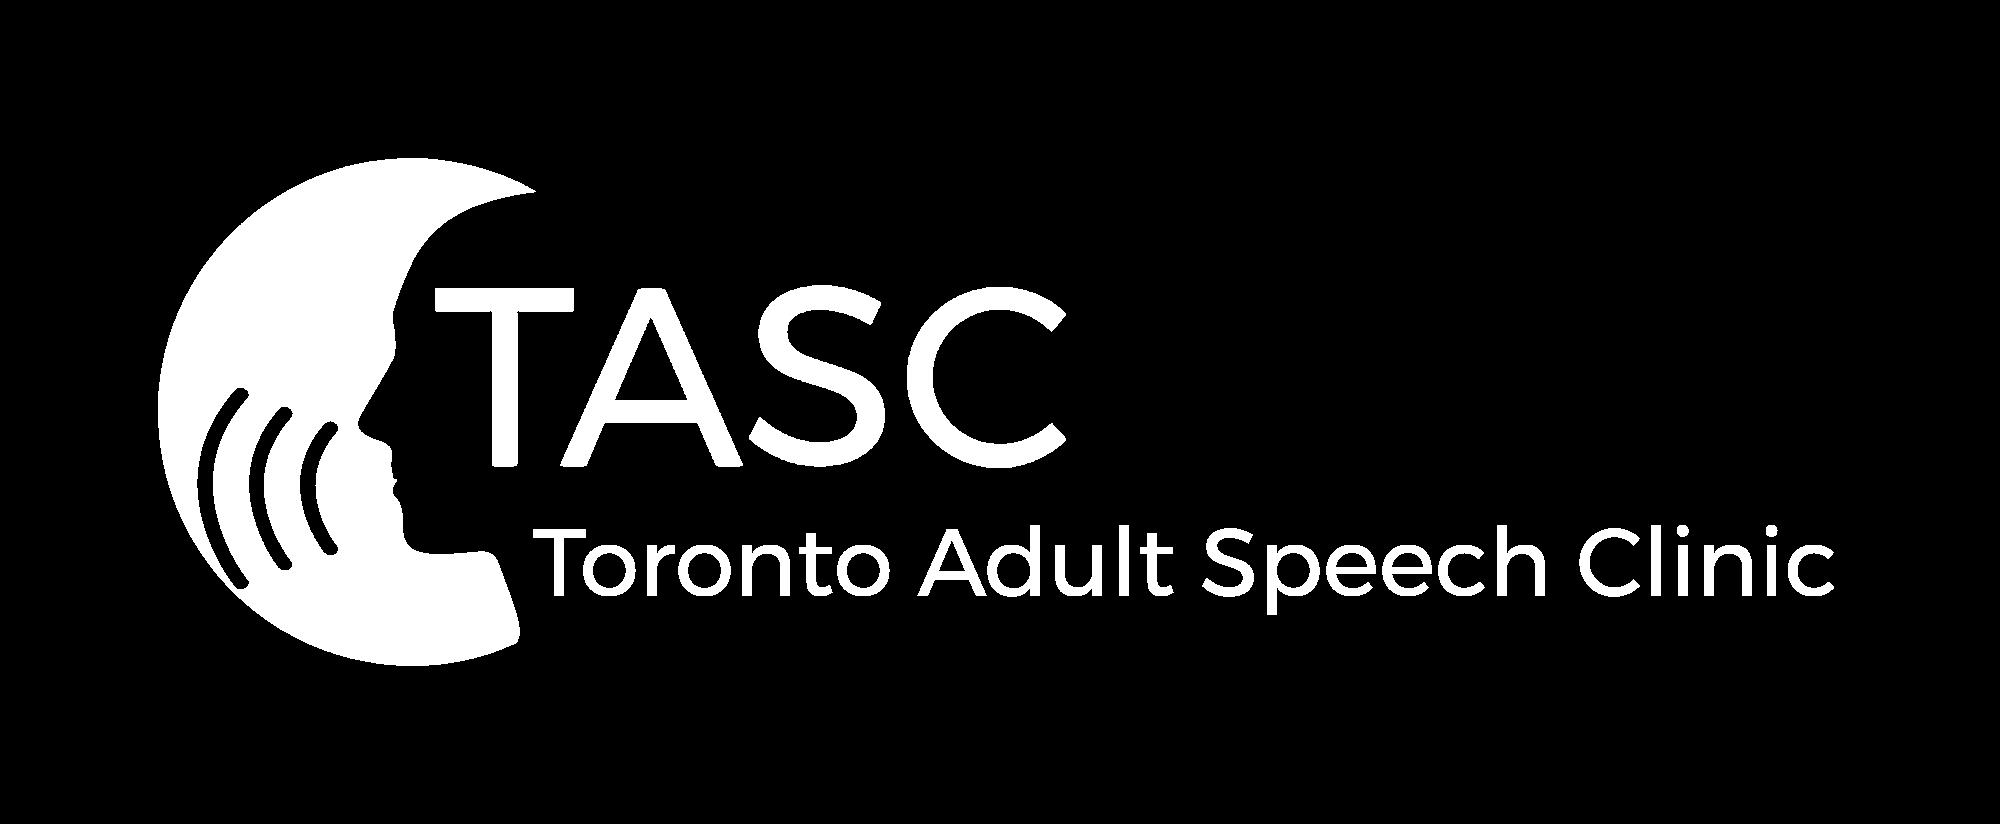 TASC-logo-white.png